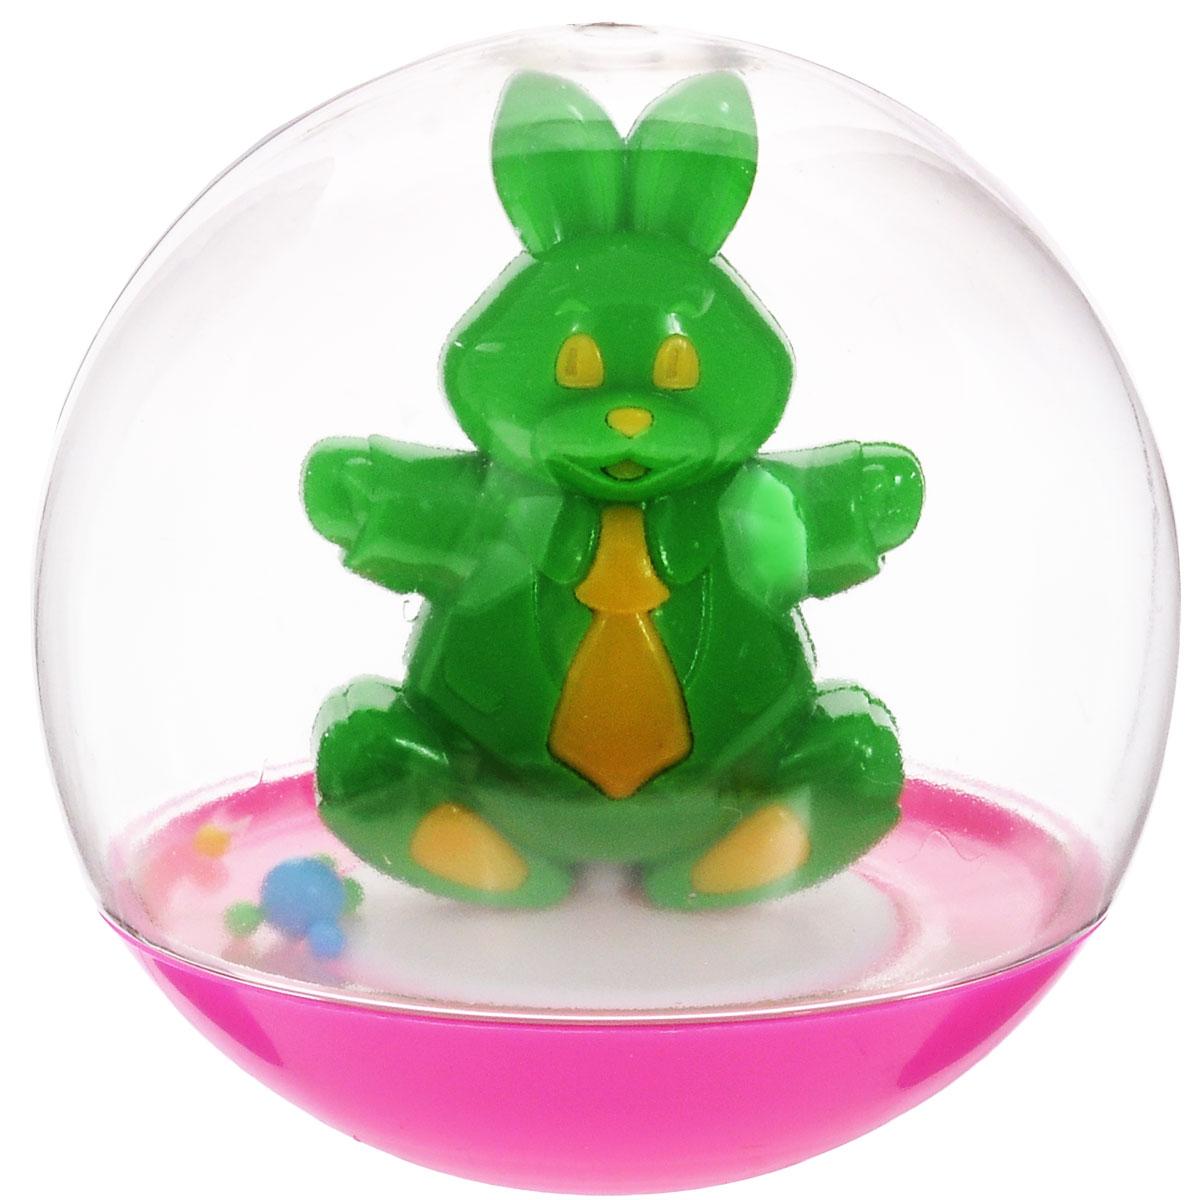 Stellar Погремушка-неваляшка Заяц, 10 см, цвет: зеленый1_заяц, зеленыйПогремушка-неваляшка Stellar Заяц не позволит скучать вашему малышу на улице, дома и во время водных процедур. Игрушка выполнена из полипропилена в виде симпатичного зайца в прозрачном круглом шаре. Неваляшка забавно покачивается под приятный звук погремушки, развлекая малыша. Неваляшка развивает мелкую моторику, координацию, слух и цветовое восприятие.